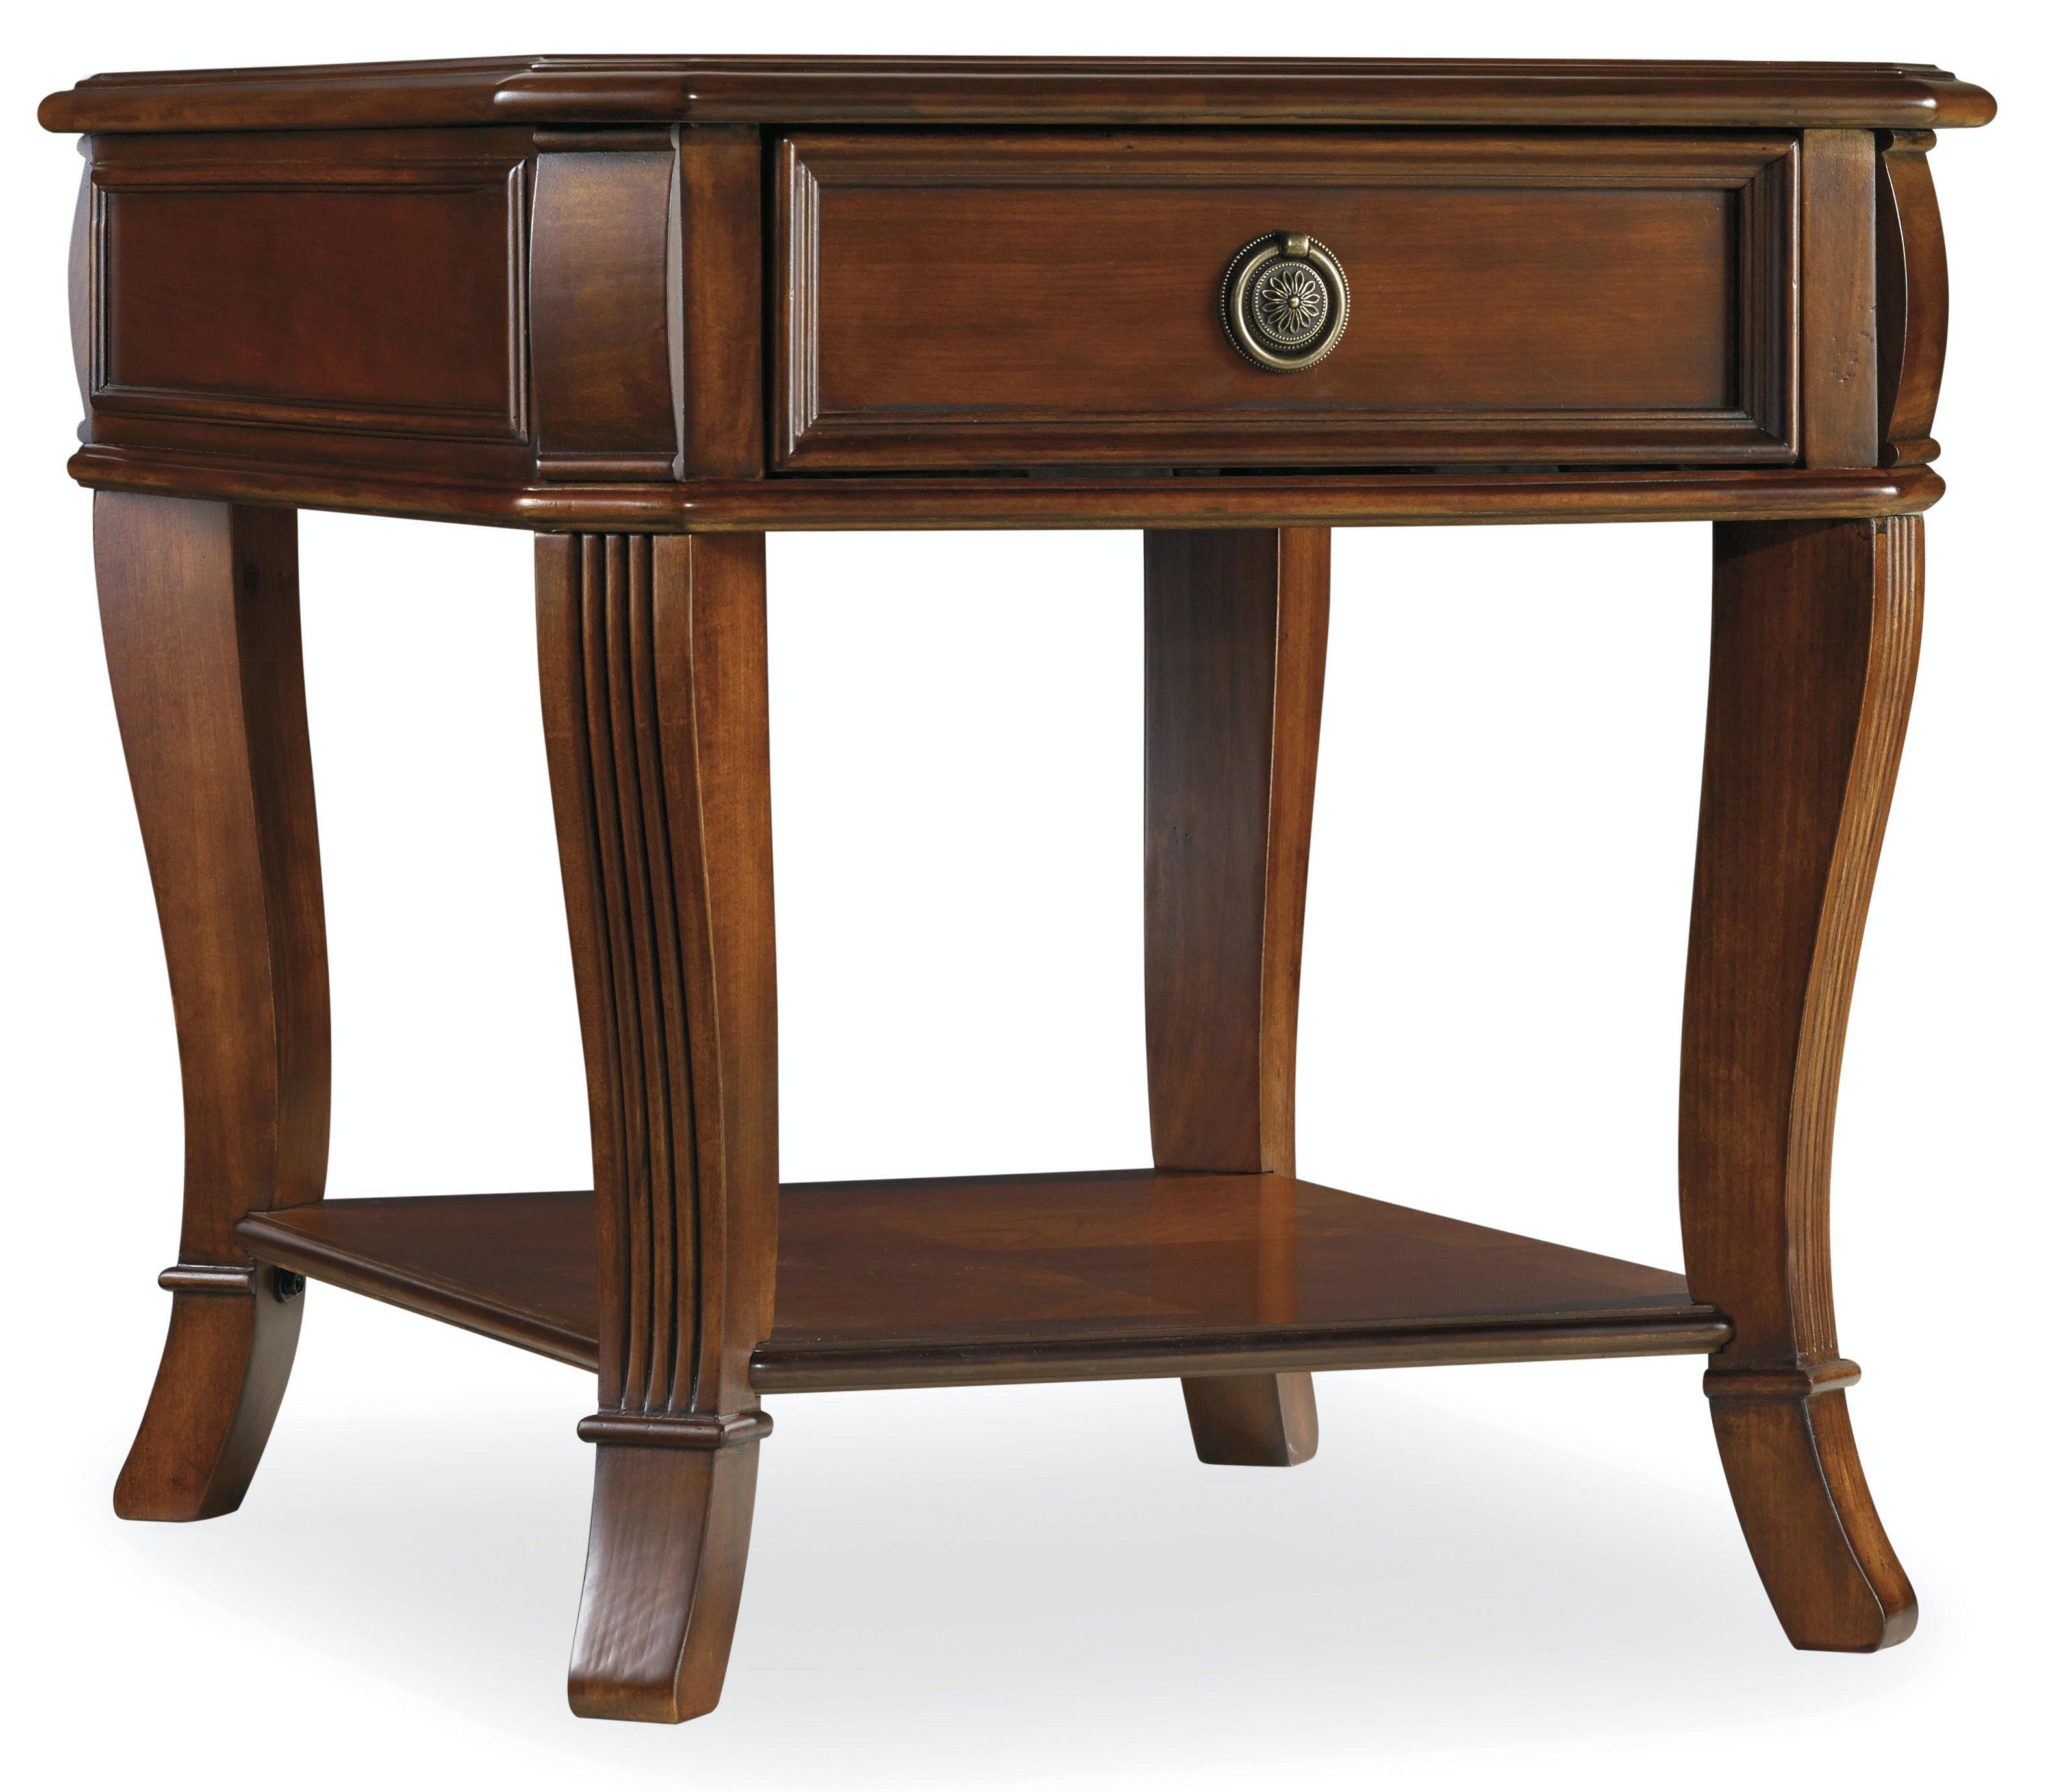 hooker furniture living room brookhaven end table 281-80-113